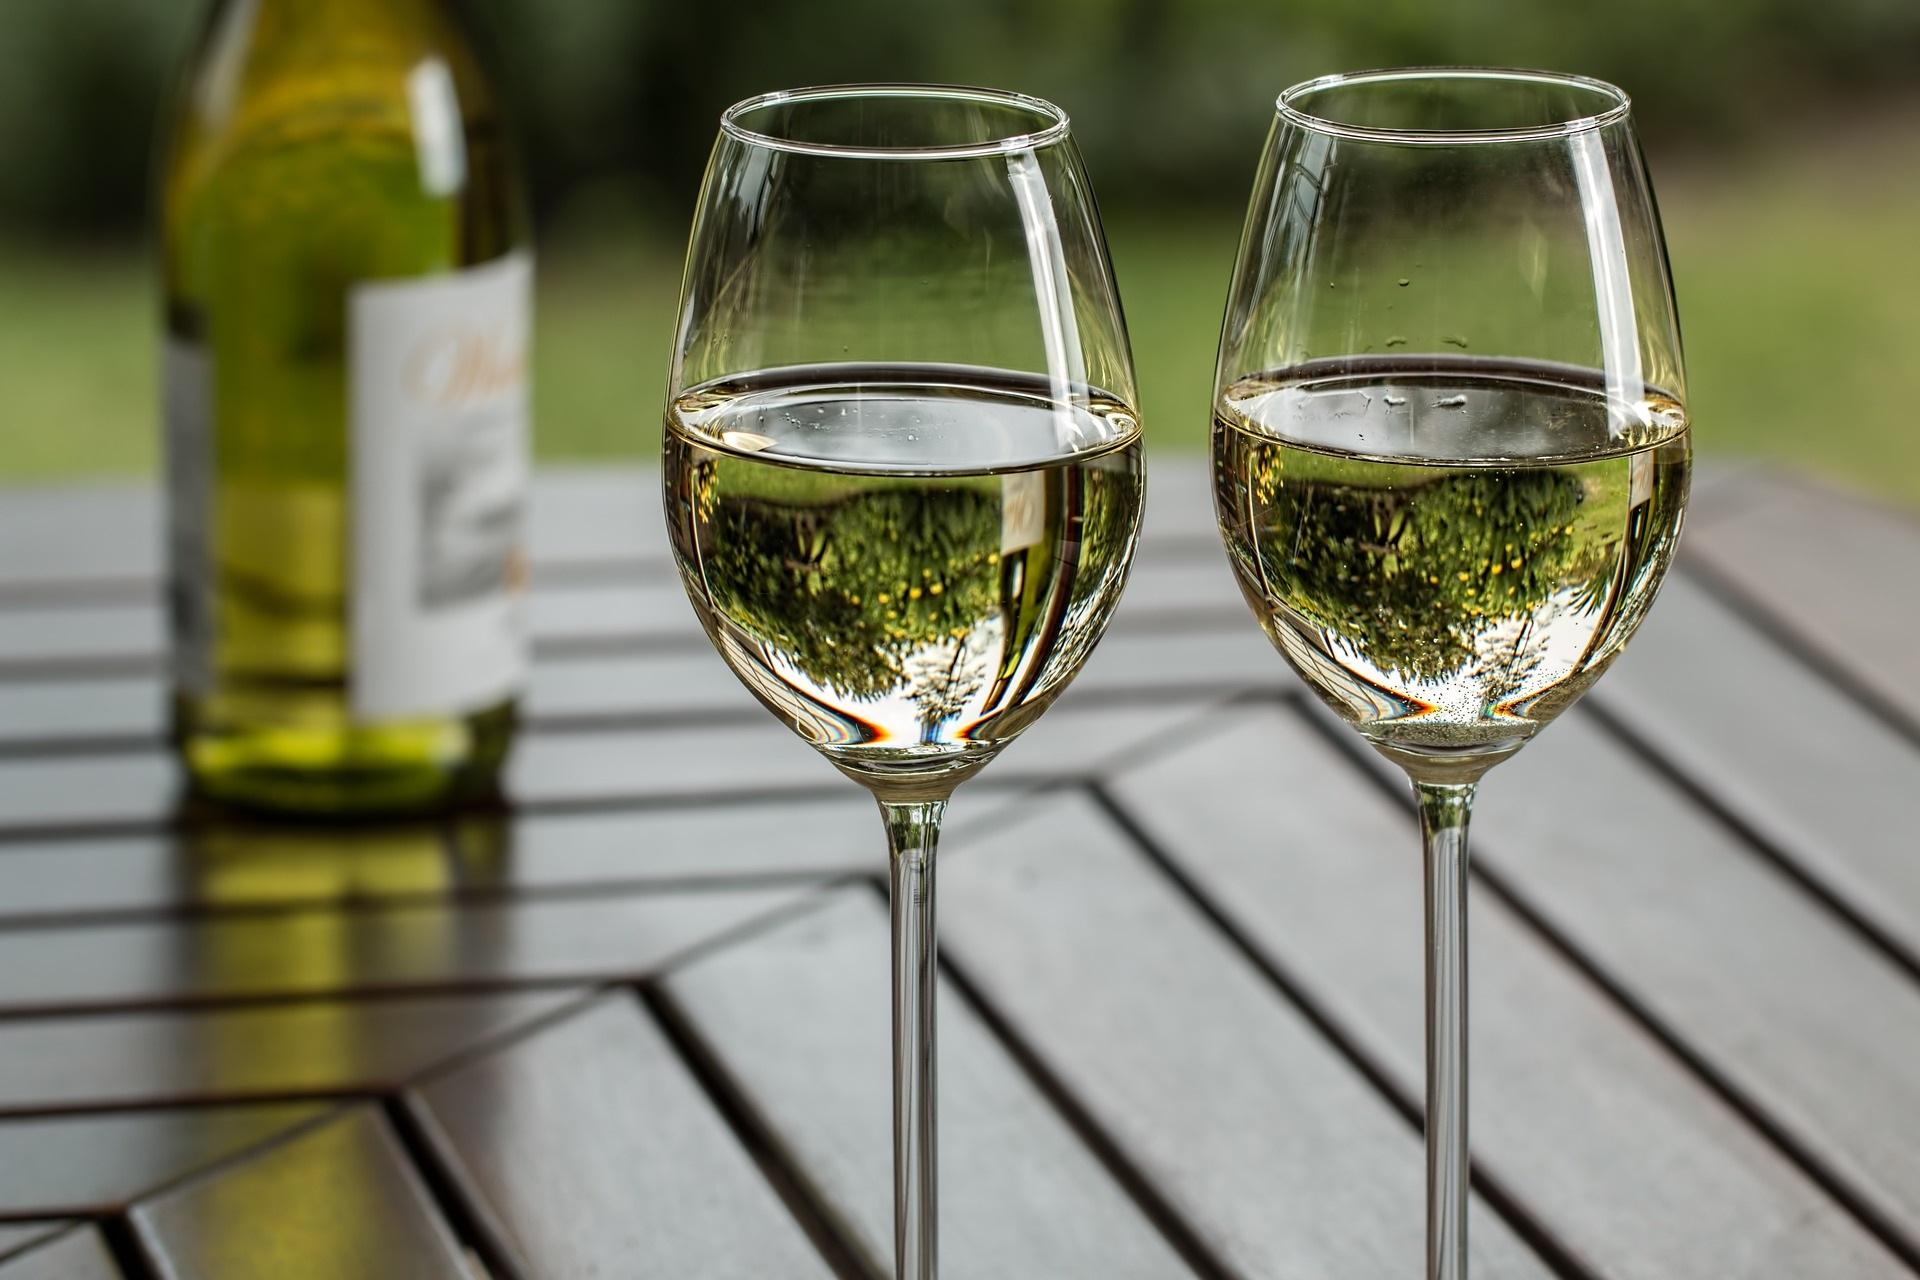 Lugana Wein: Test & Empfehlungen (09/20)